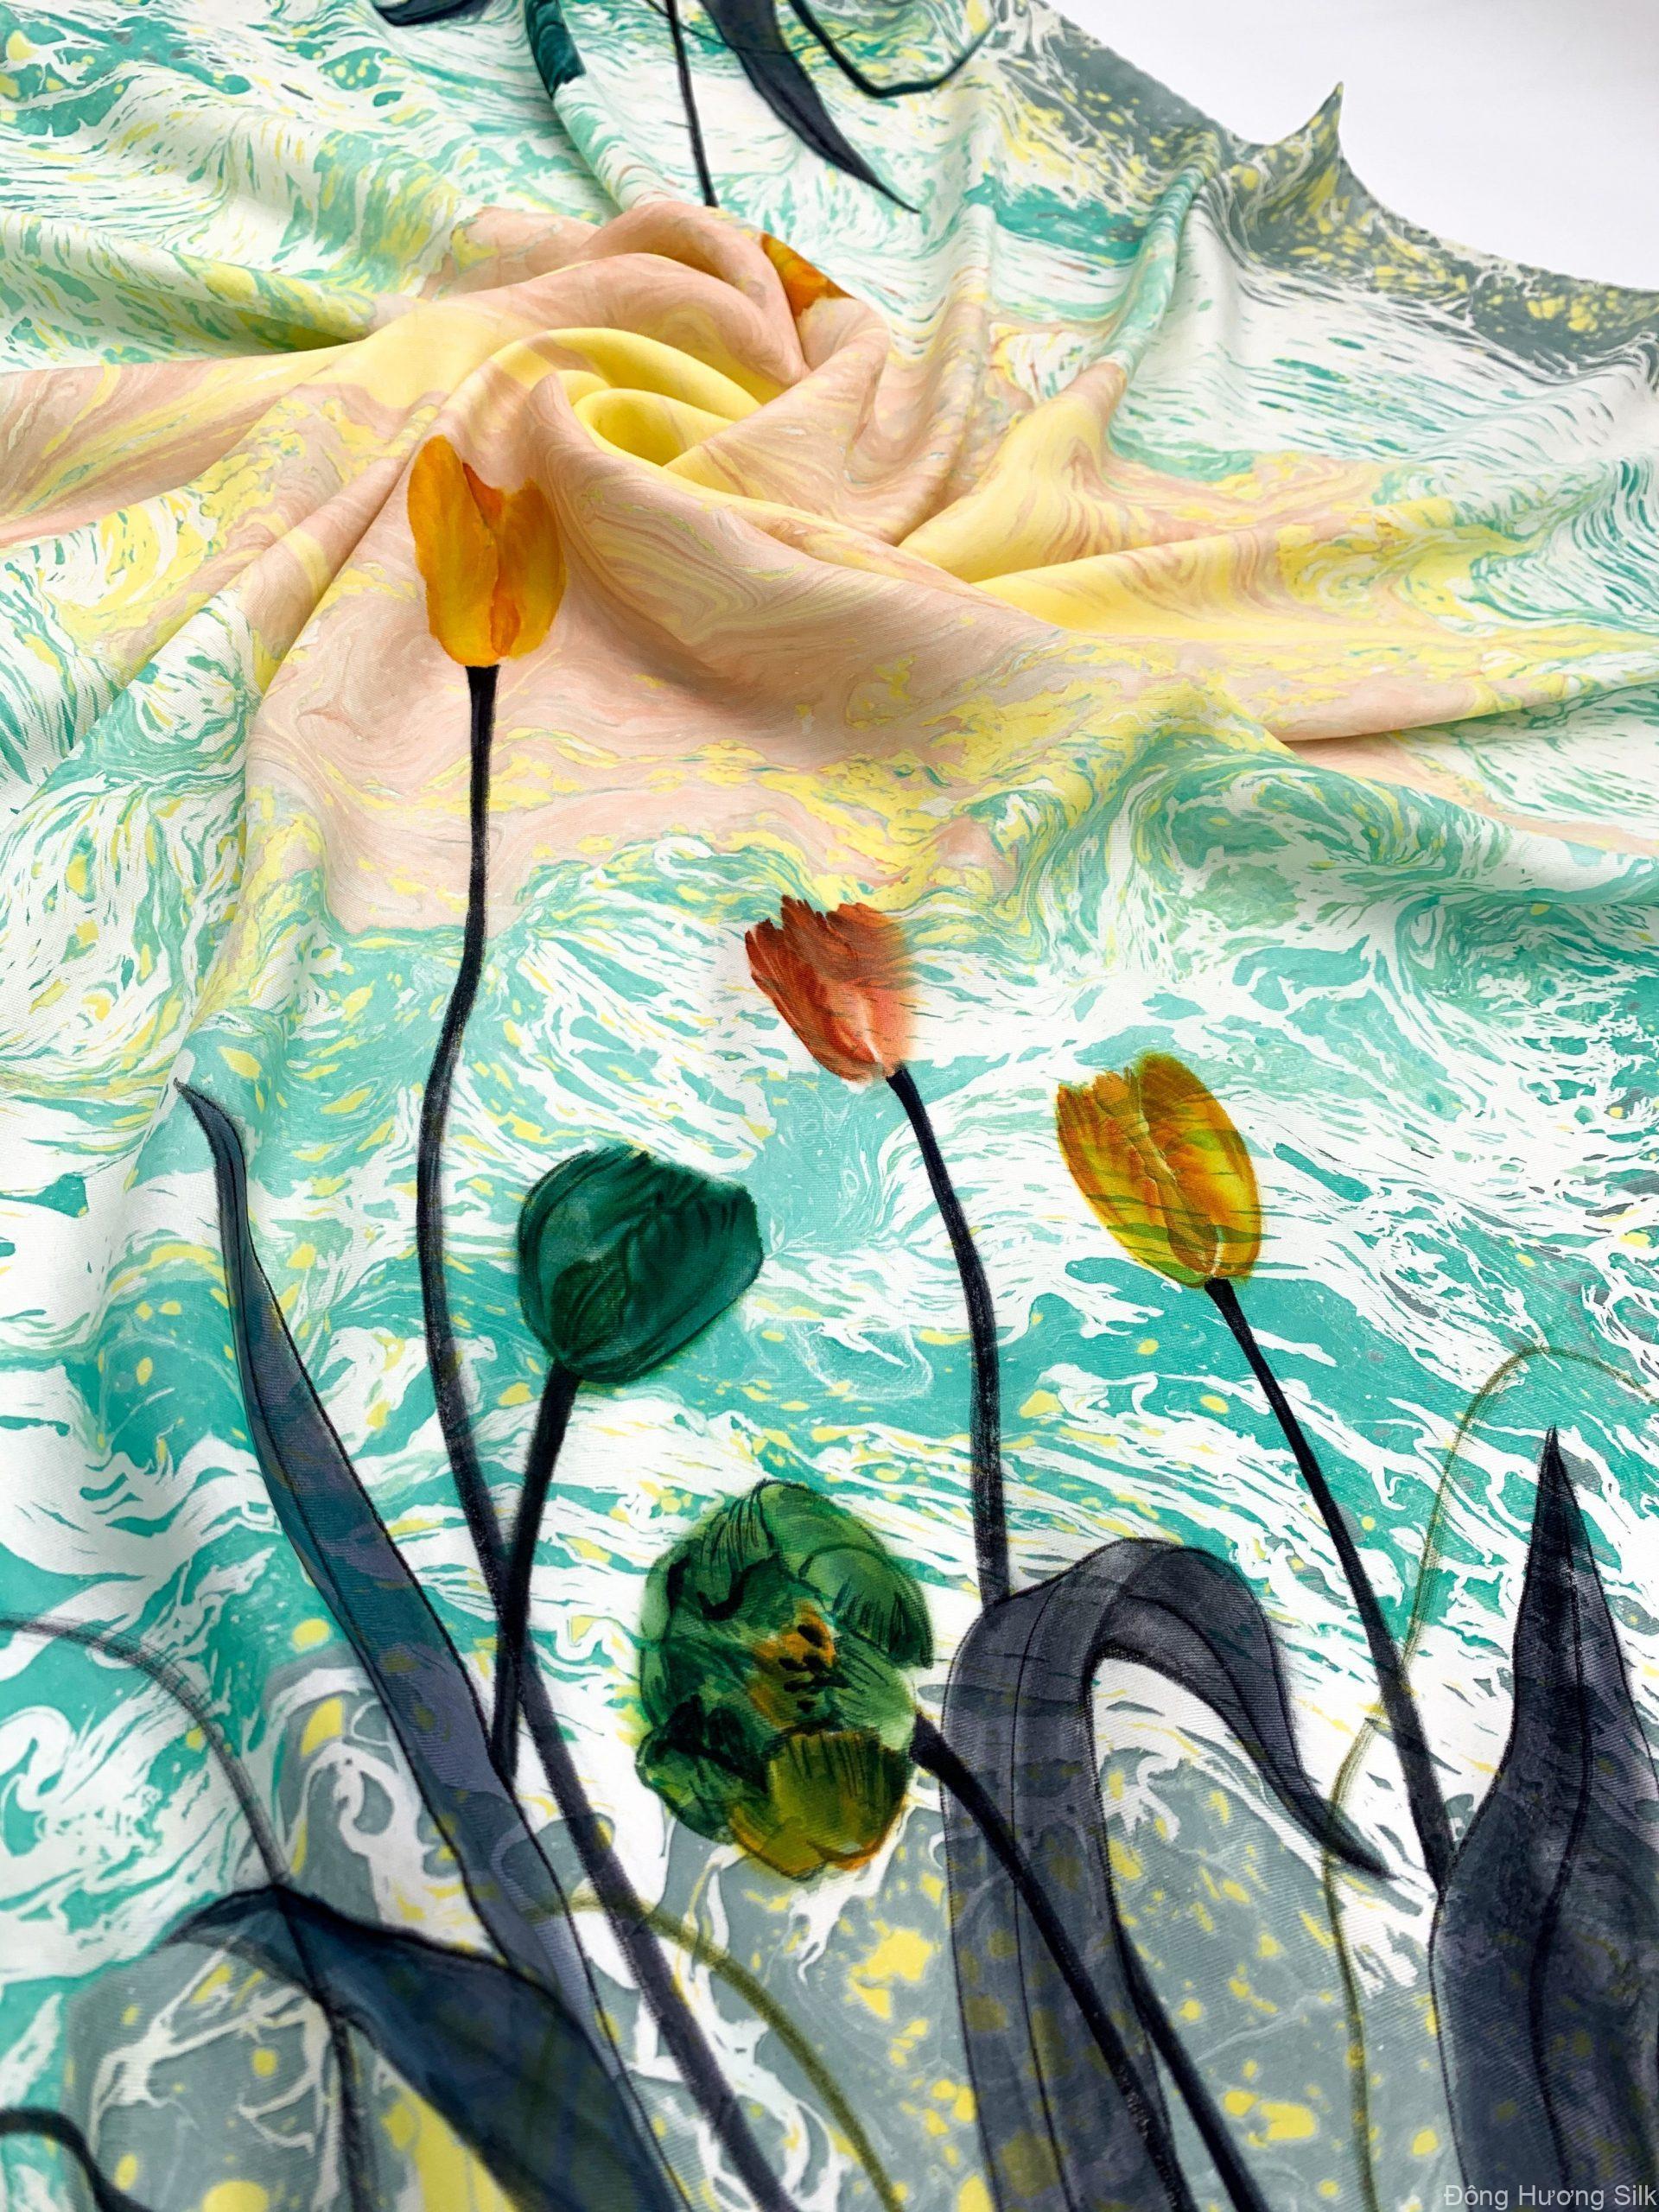 khan-vuong-lua-to-tam-ve-tay-thuy-an-hoa-tulip-vang-xanh-1